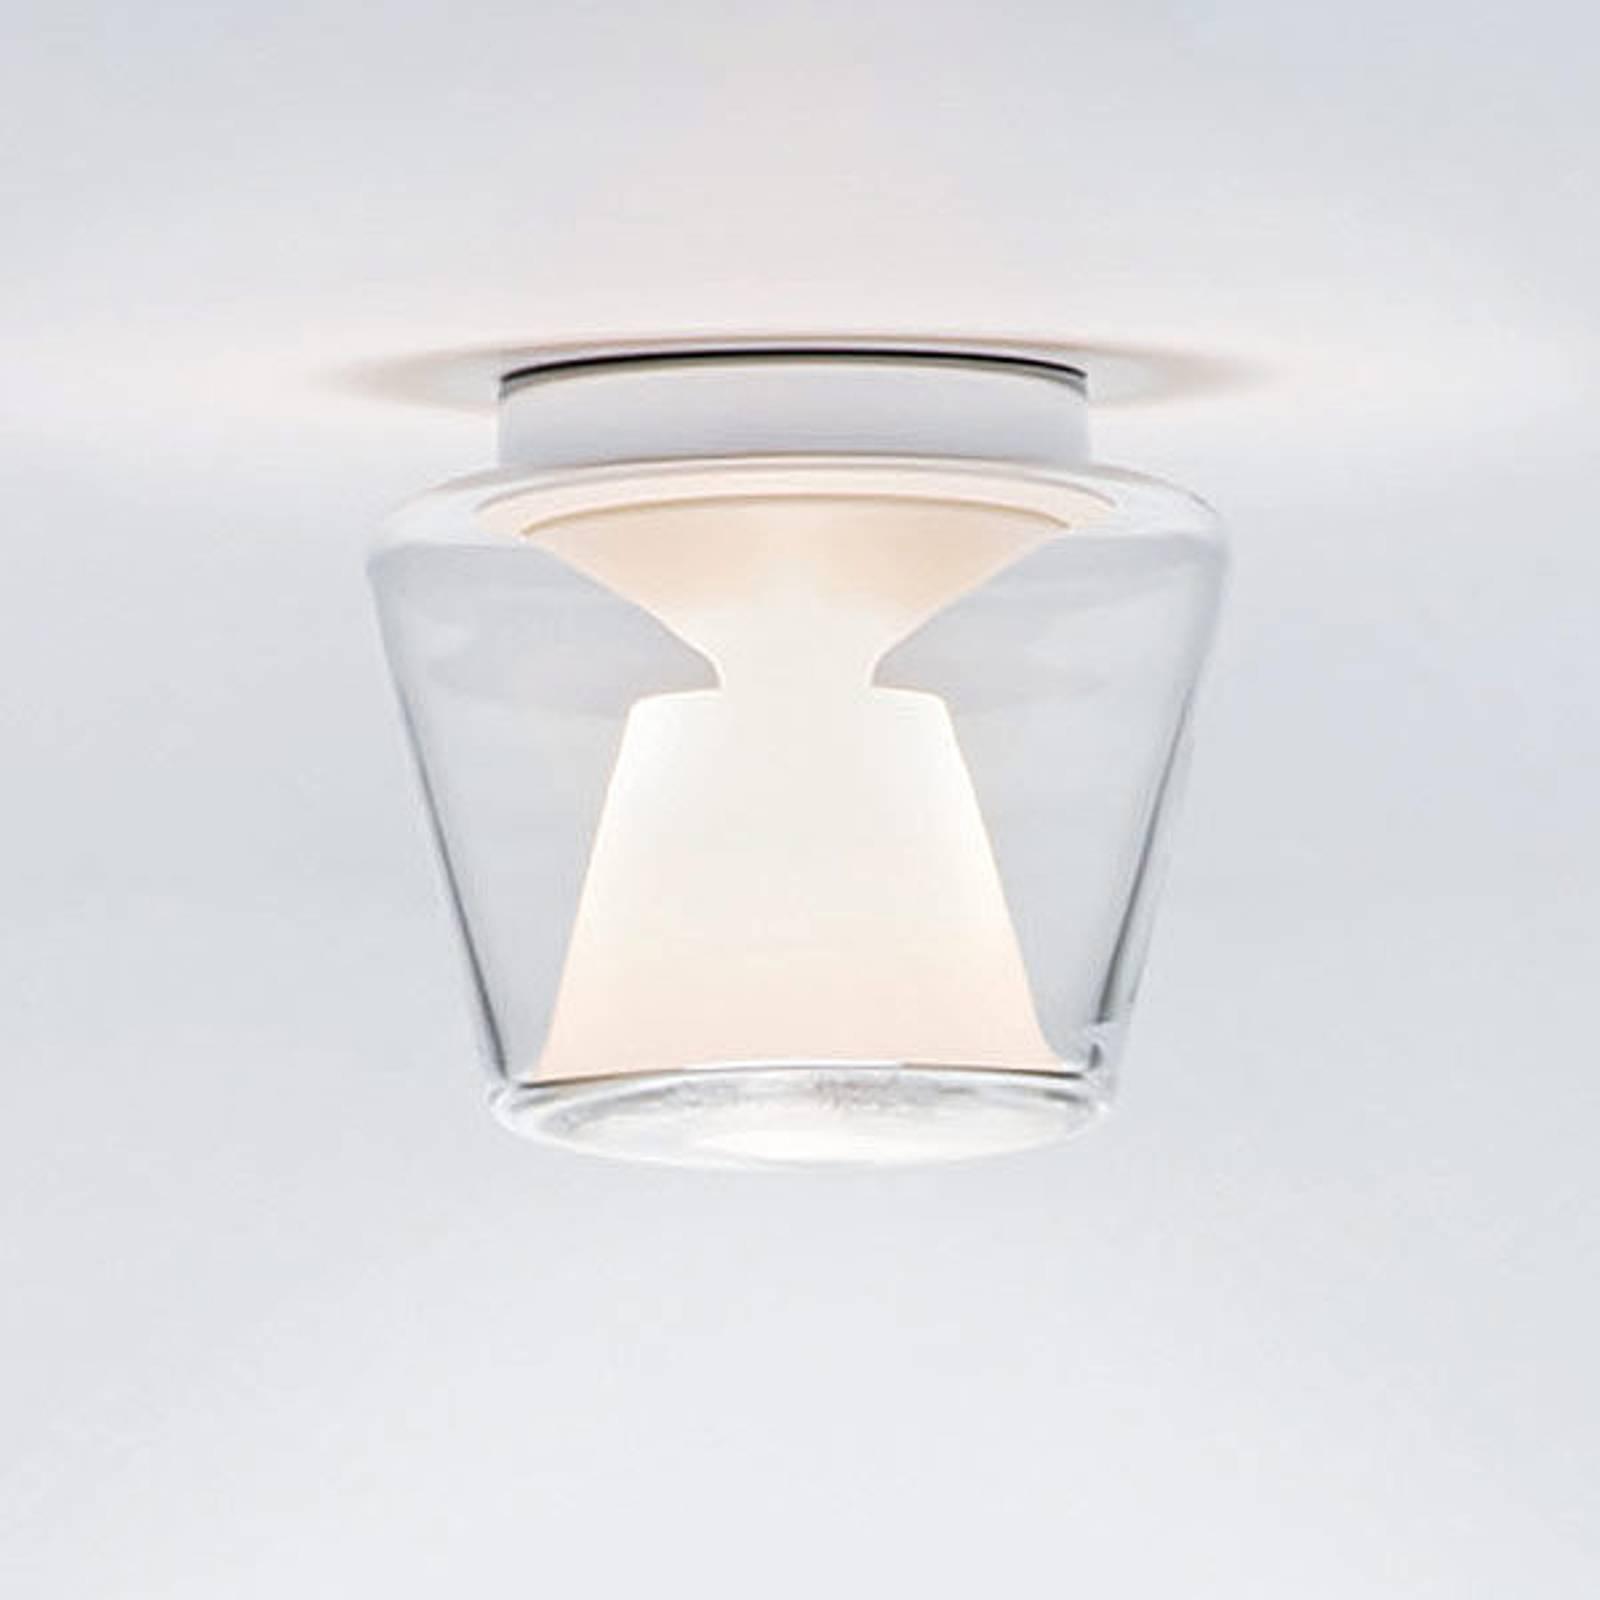 serien.lighting Annex S – LED-kattovalaisin opaali